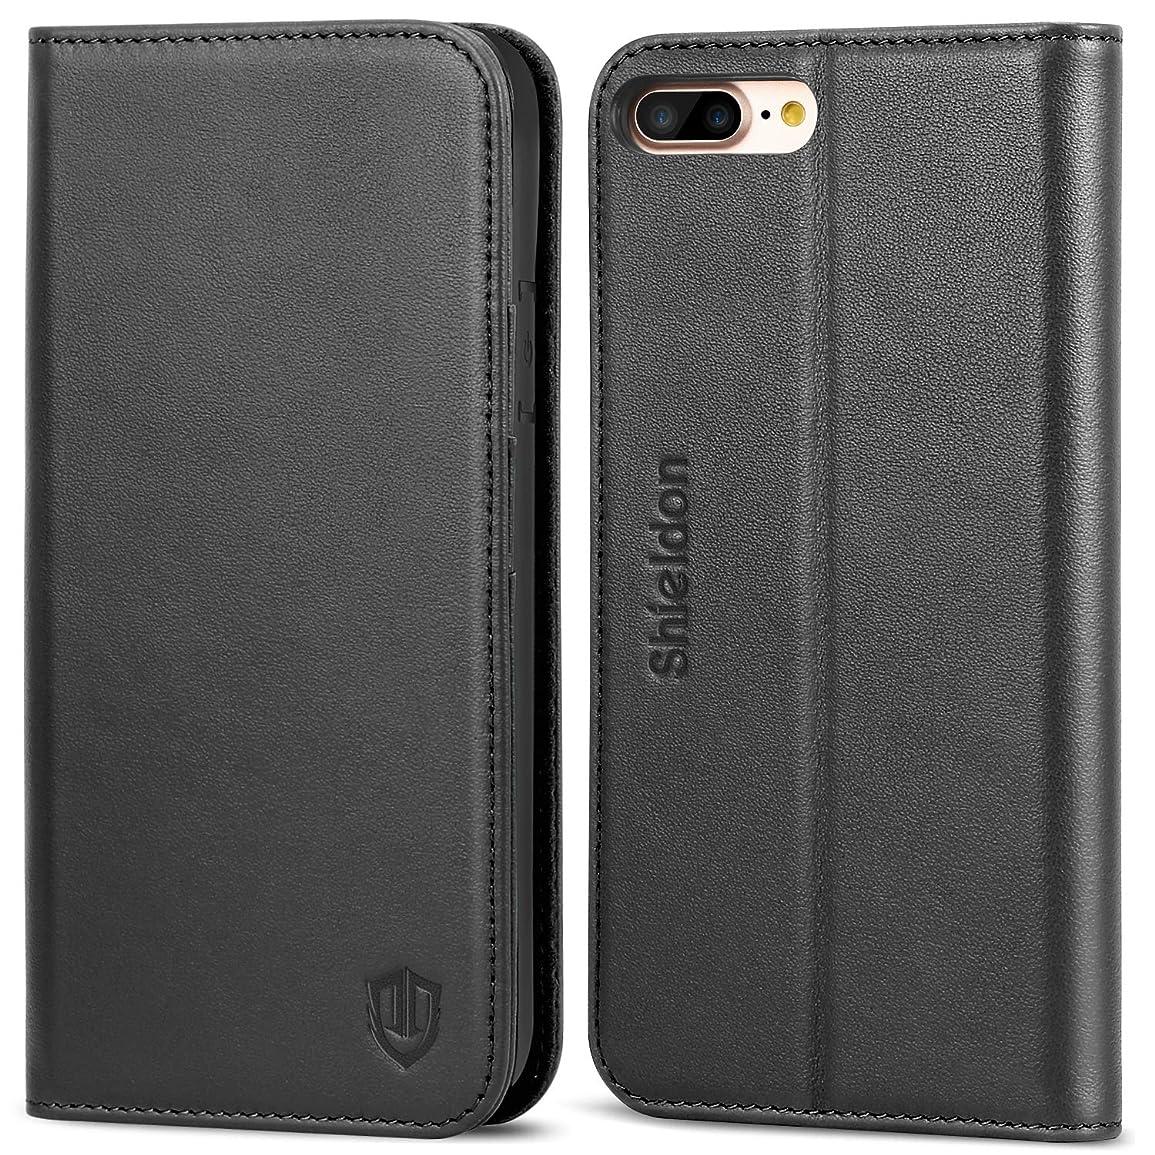 書くクリスマスすでにiPhone 8 Plus ケース 手帳型 アイフォン8プラスケース SHIELDON 本革 ソフトTPU スタンド カード収納 衝撃吸収 マグネット 全面保護 人気 おしゃれ iPhone 8 Plus / 7 Plus 対応 ブラック